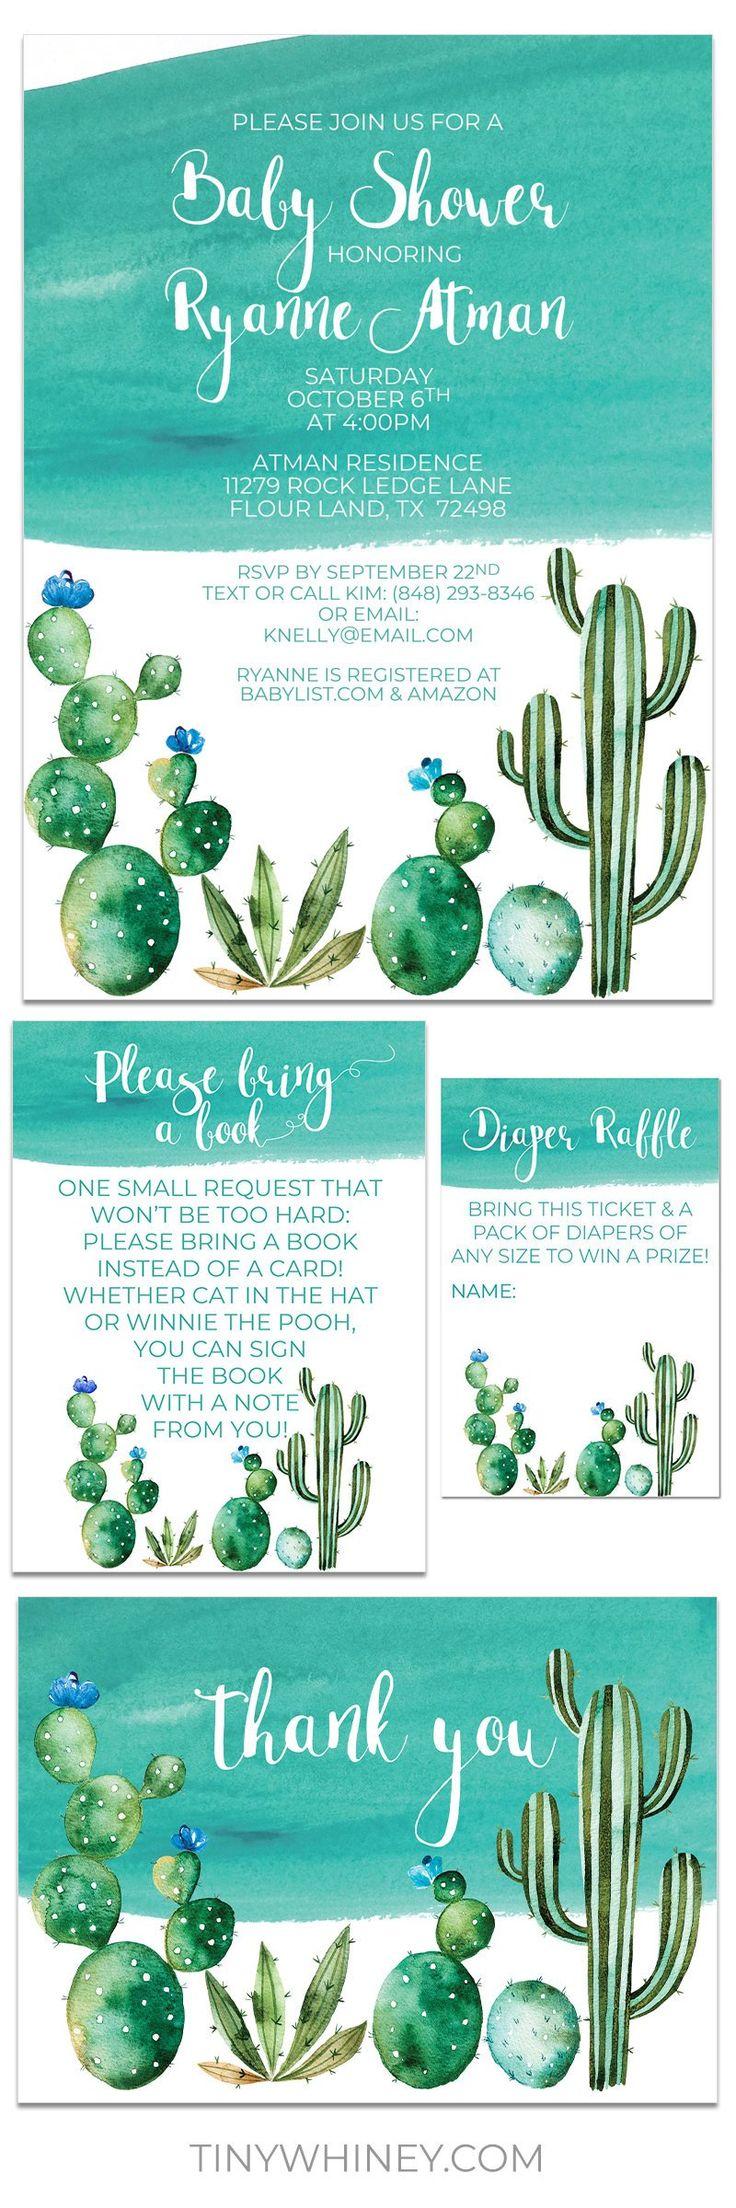 Afdrukbare uitnodigingssuite – Cactus babydouche jongensuitnodiging met een boekkaart, luier loterij ticket, bedankt, baby douchesuite